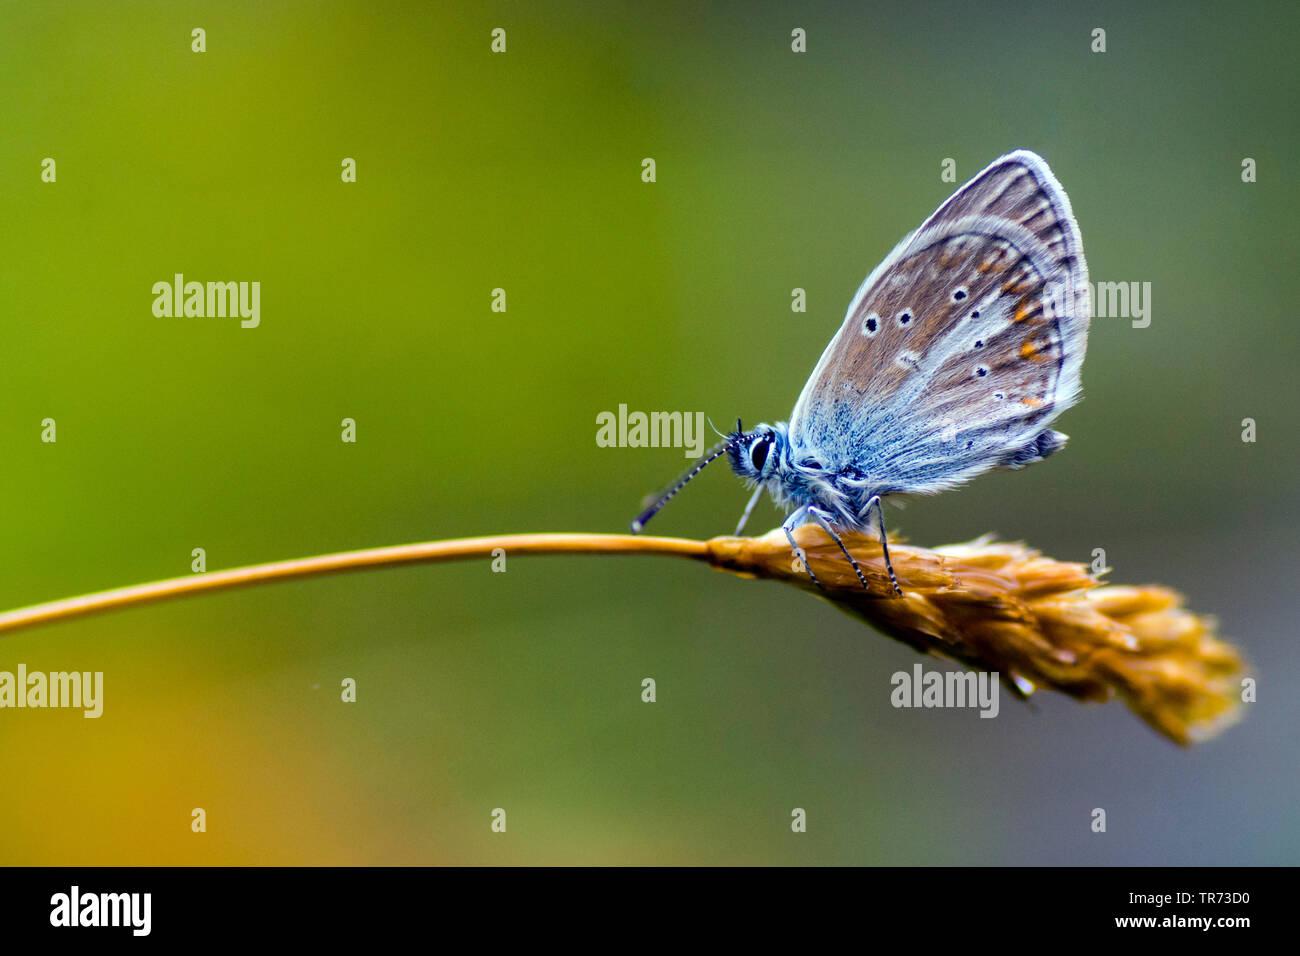 Schwarzbrauner Blaeuling, Storchschnabel-Blaeuling, Storchschnabelblaeuling (Aricia eumedon, Eumedonia eumedon, Plebejus eumedon, Plebeius eumedon, Ly - Stock Image